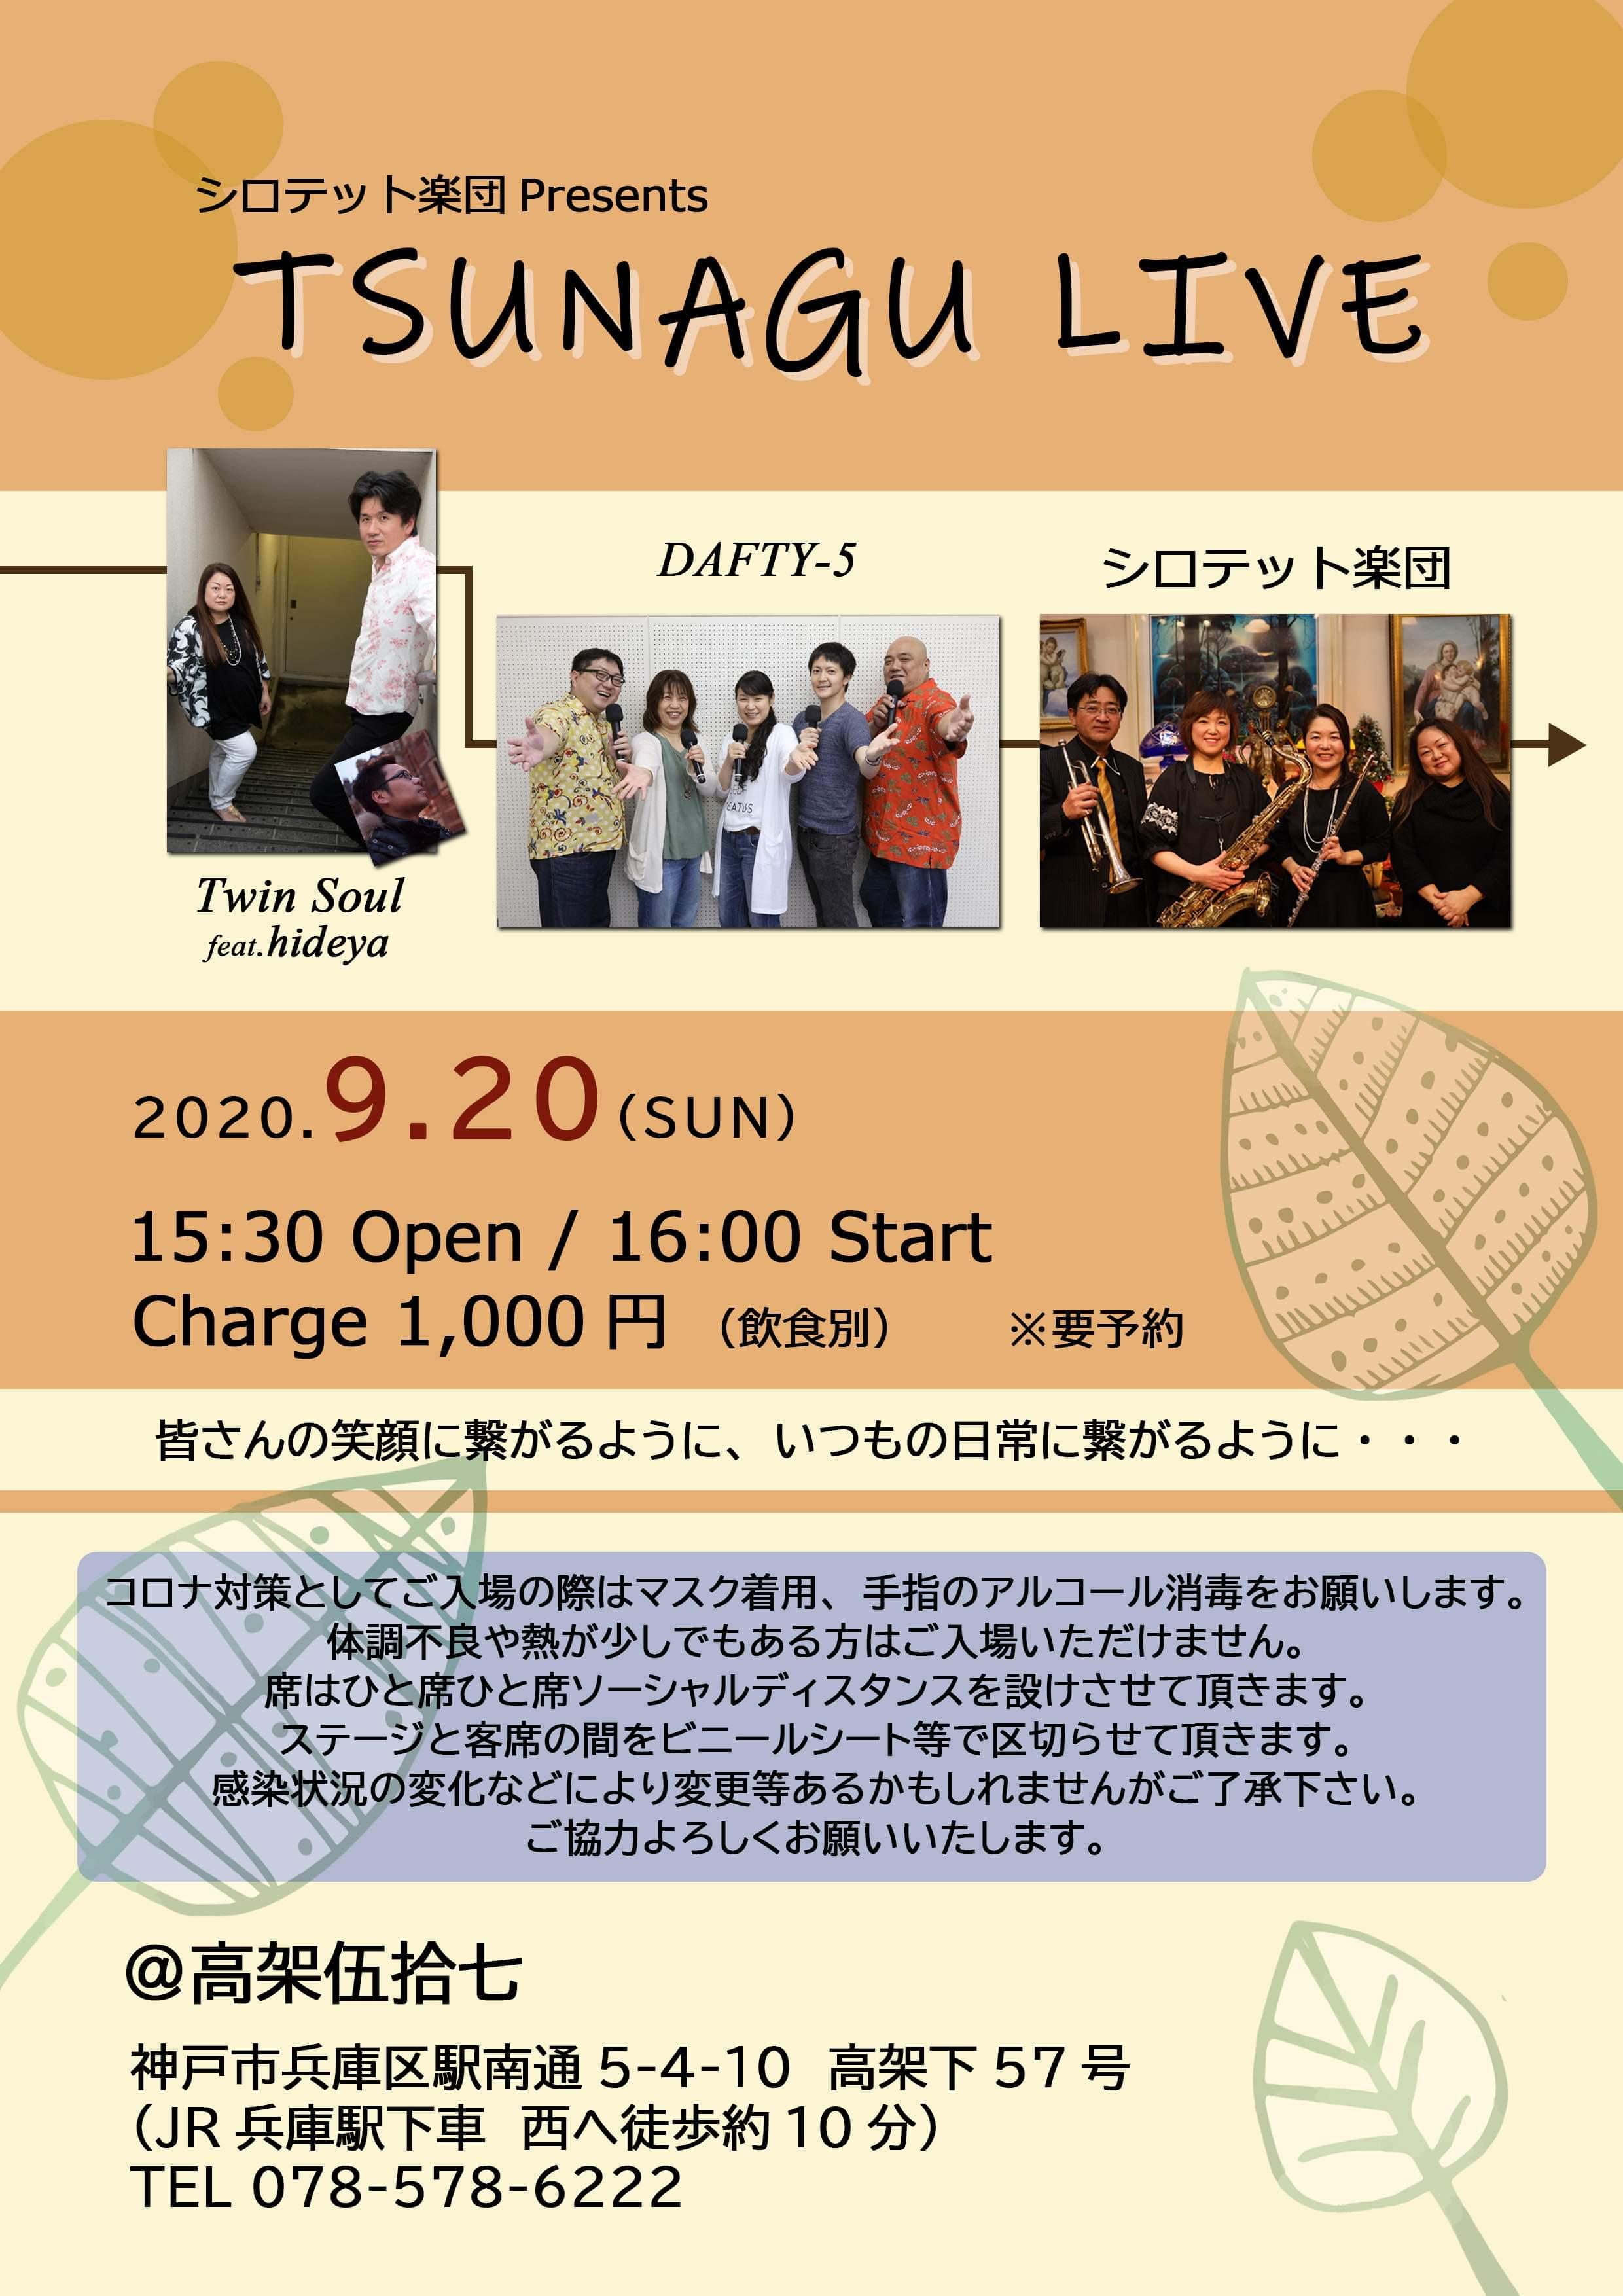 Tsunagu live 15時30分オープン